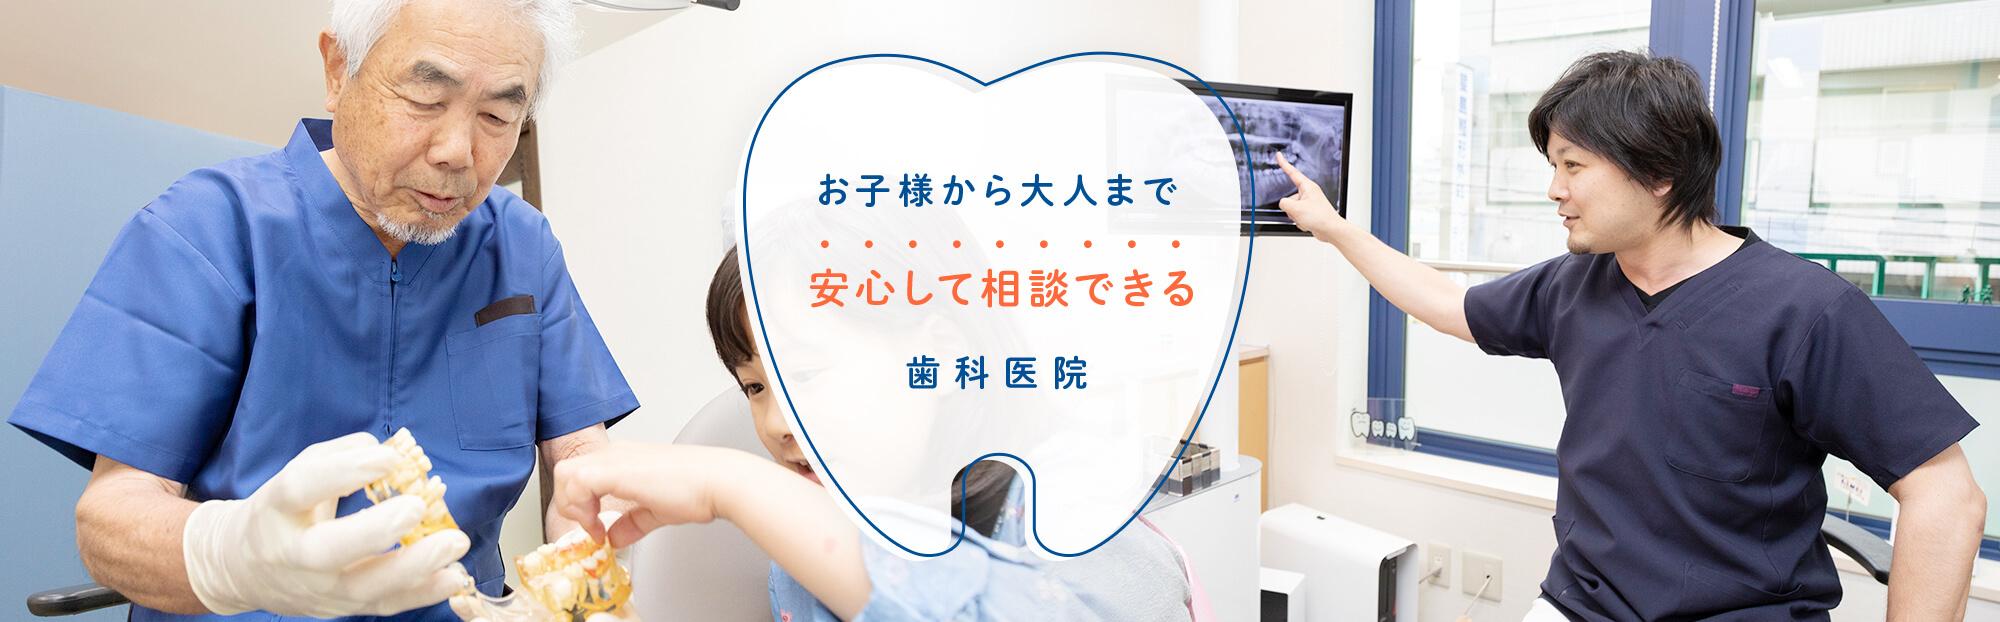 垂水駅 歯医者|お子様から大人まで安心して相談できる梶歯科医院